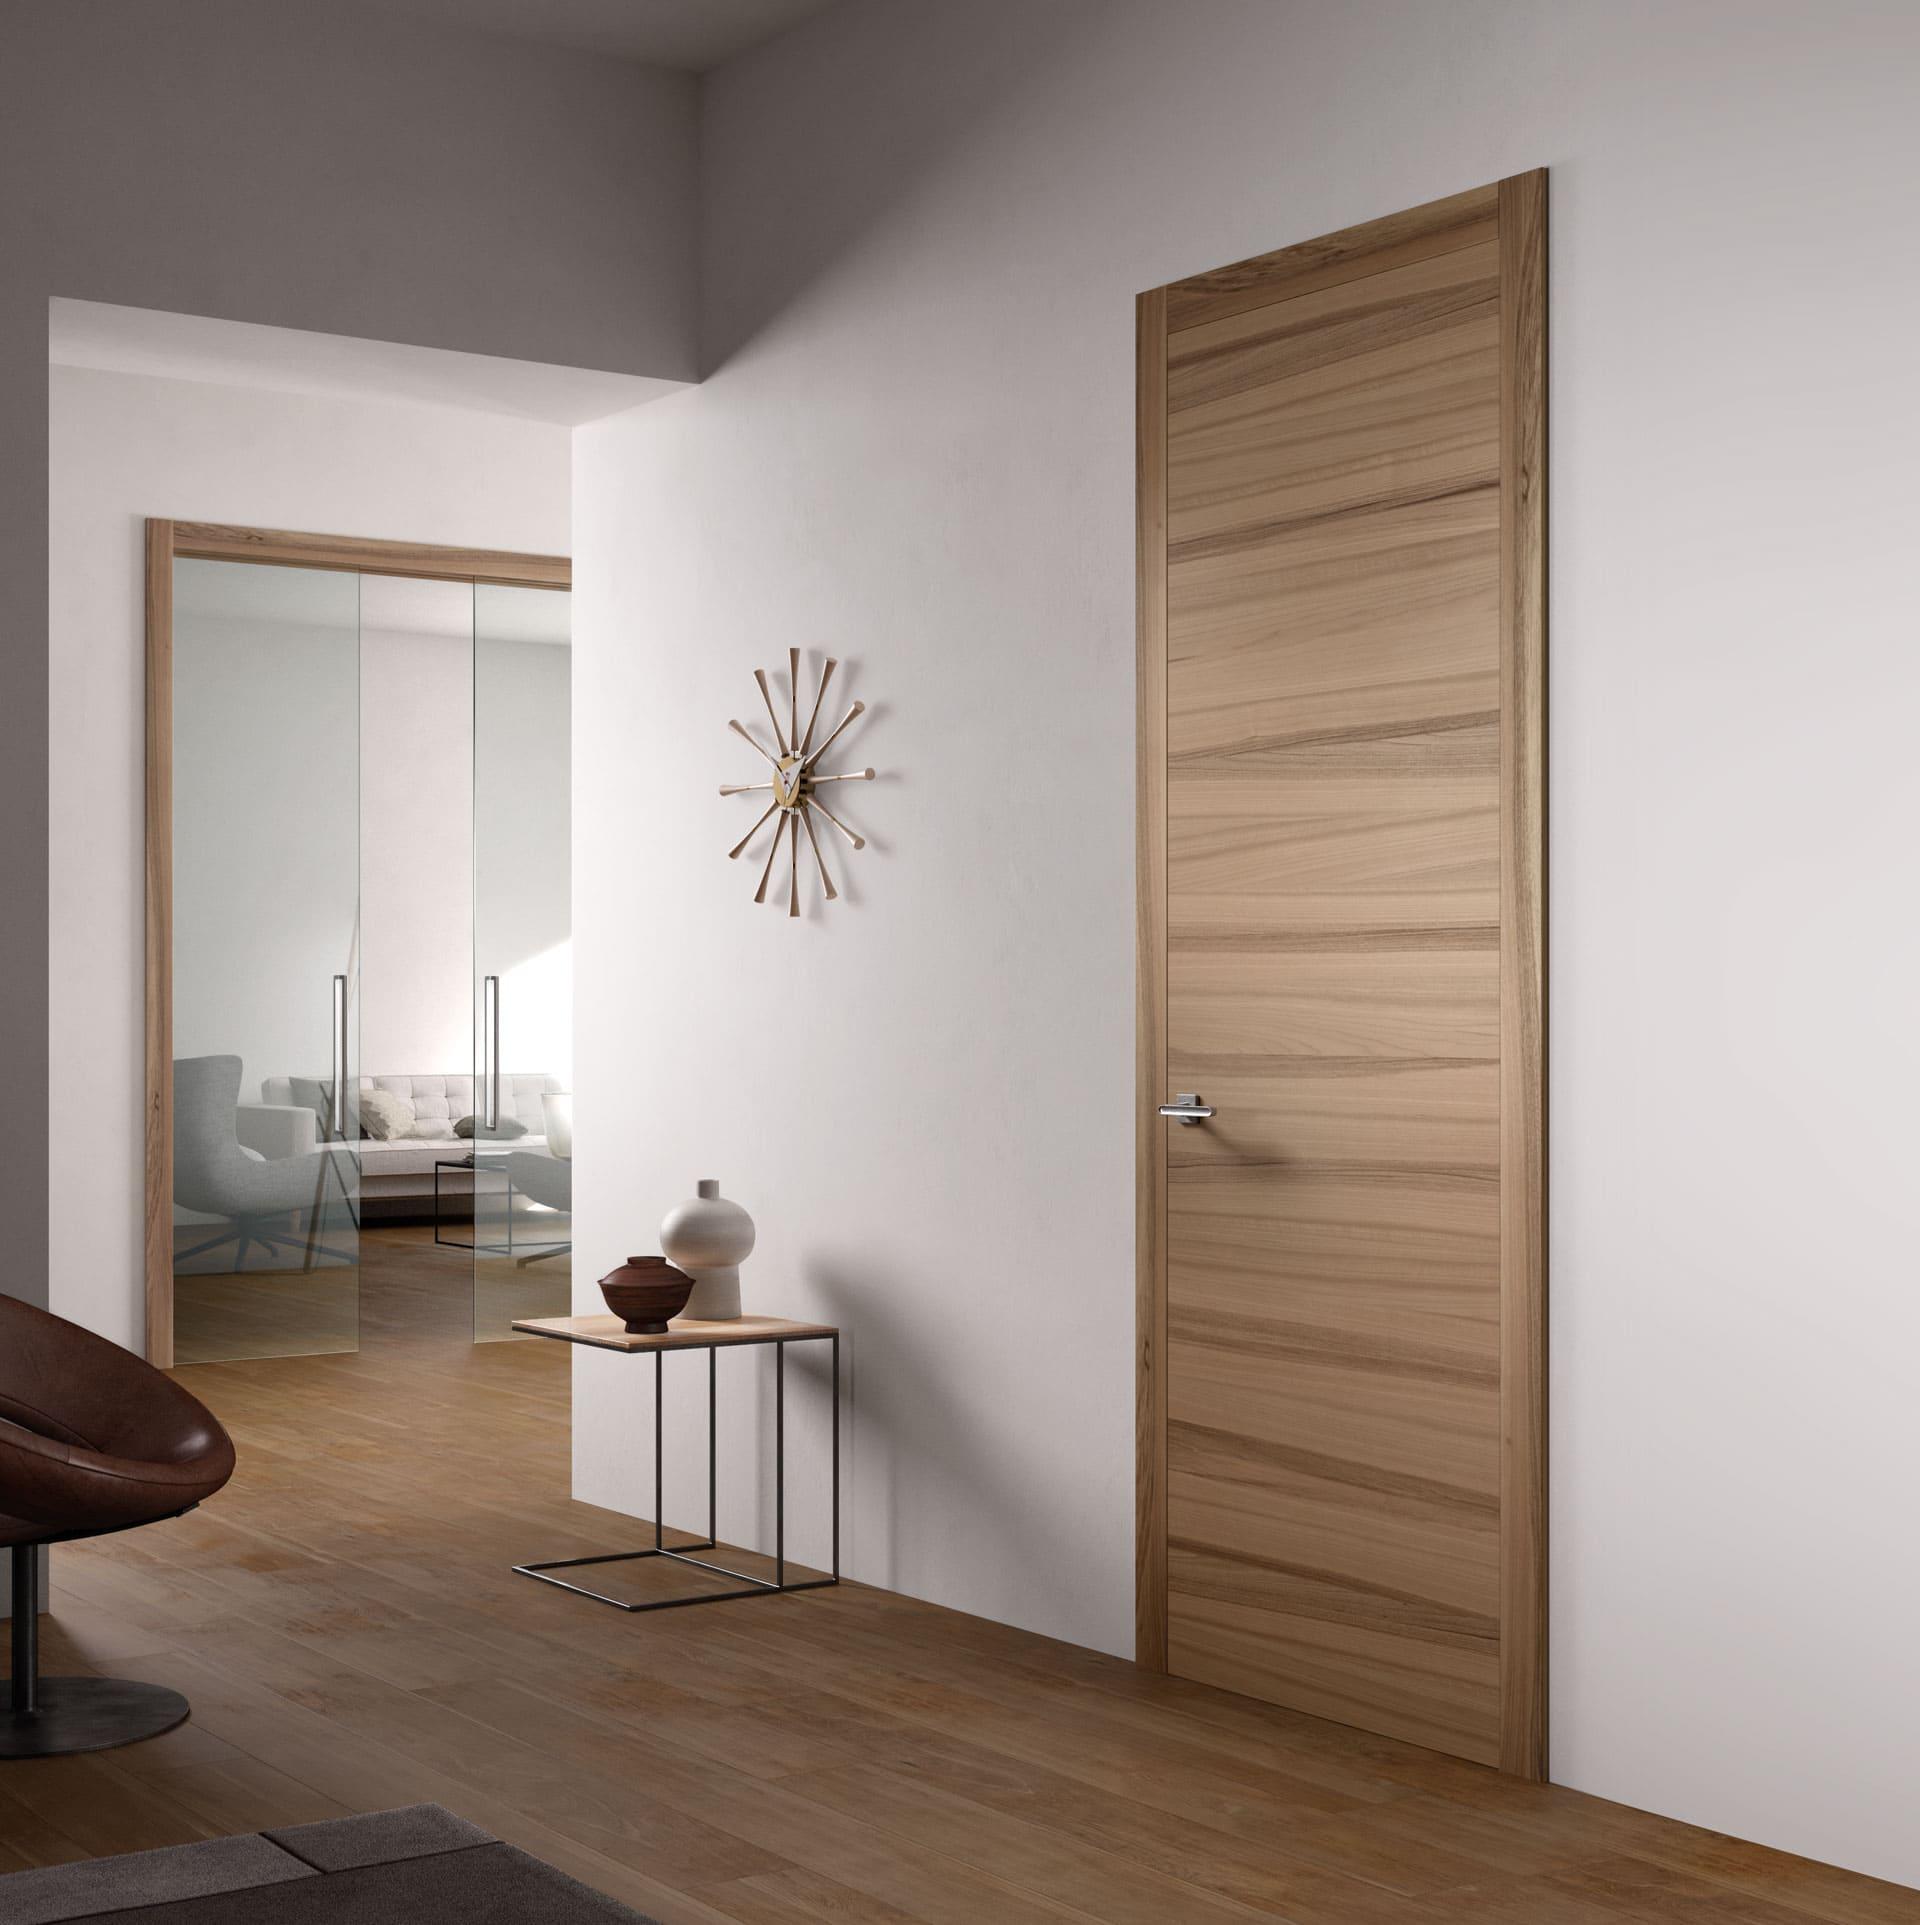 Cung cấp cửa gỗ nhựa composite tại hà nam